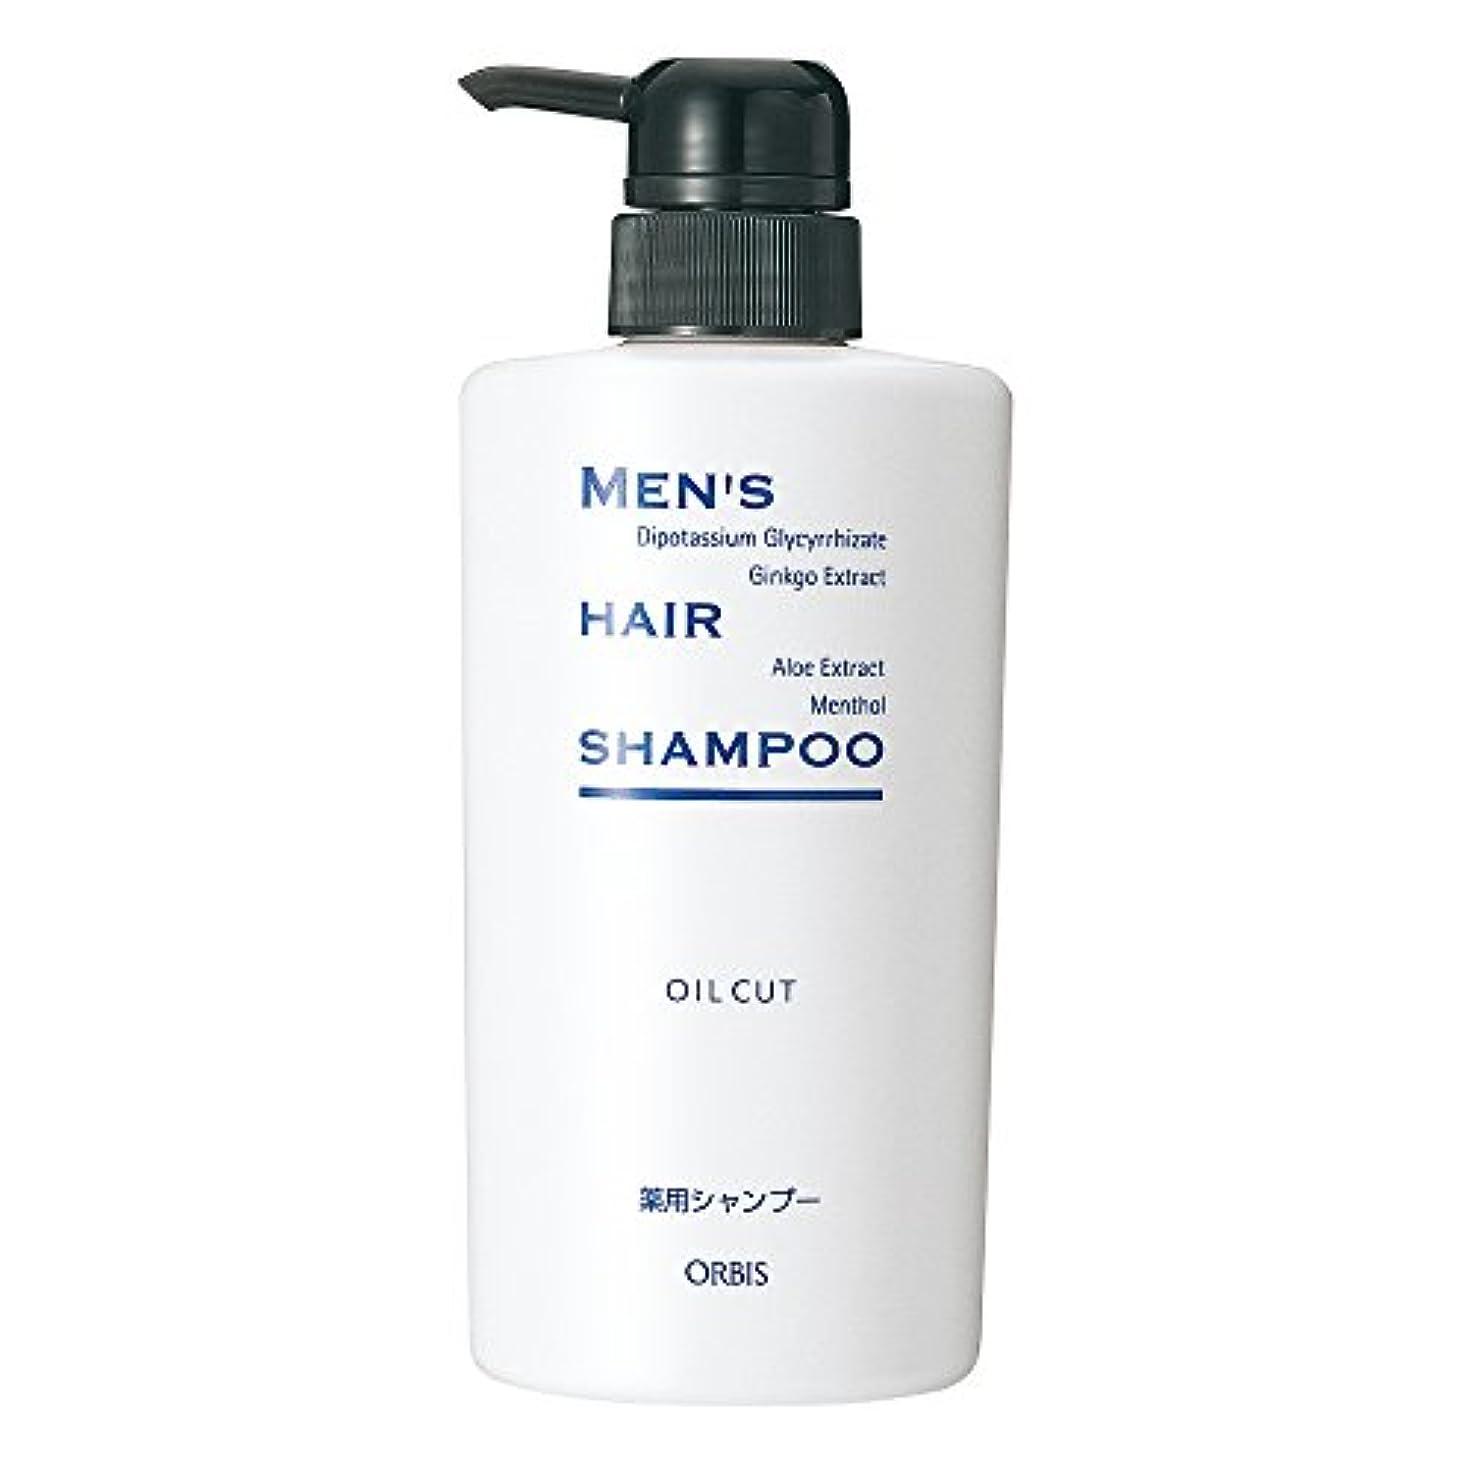 オルビス(ORBIS) メンズヘアシャンプー 420mL ◎男性用薬用シャンプー◎ [医薬部外品]